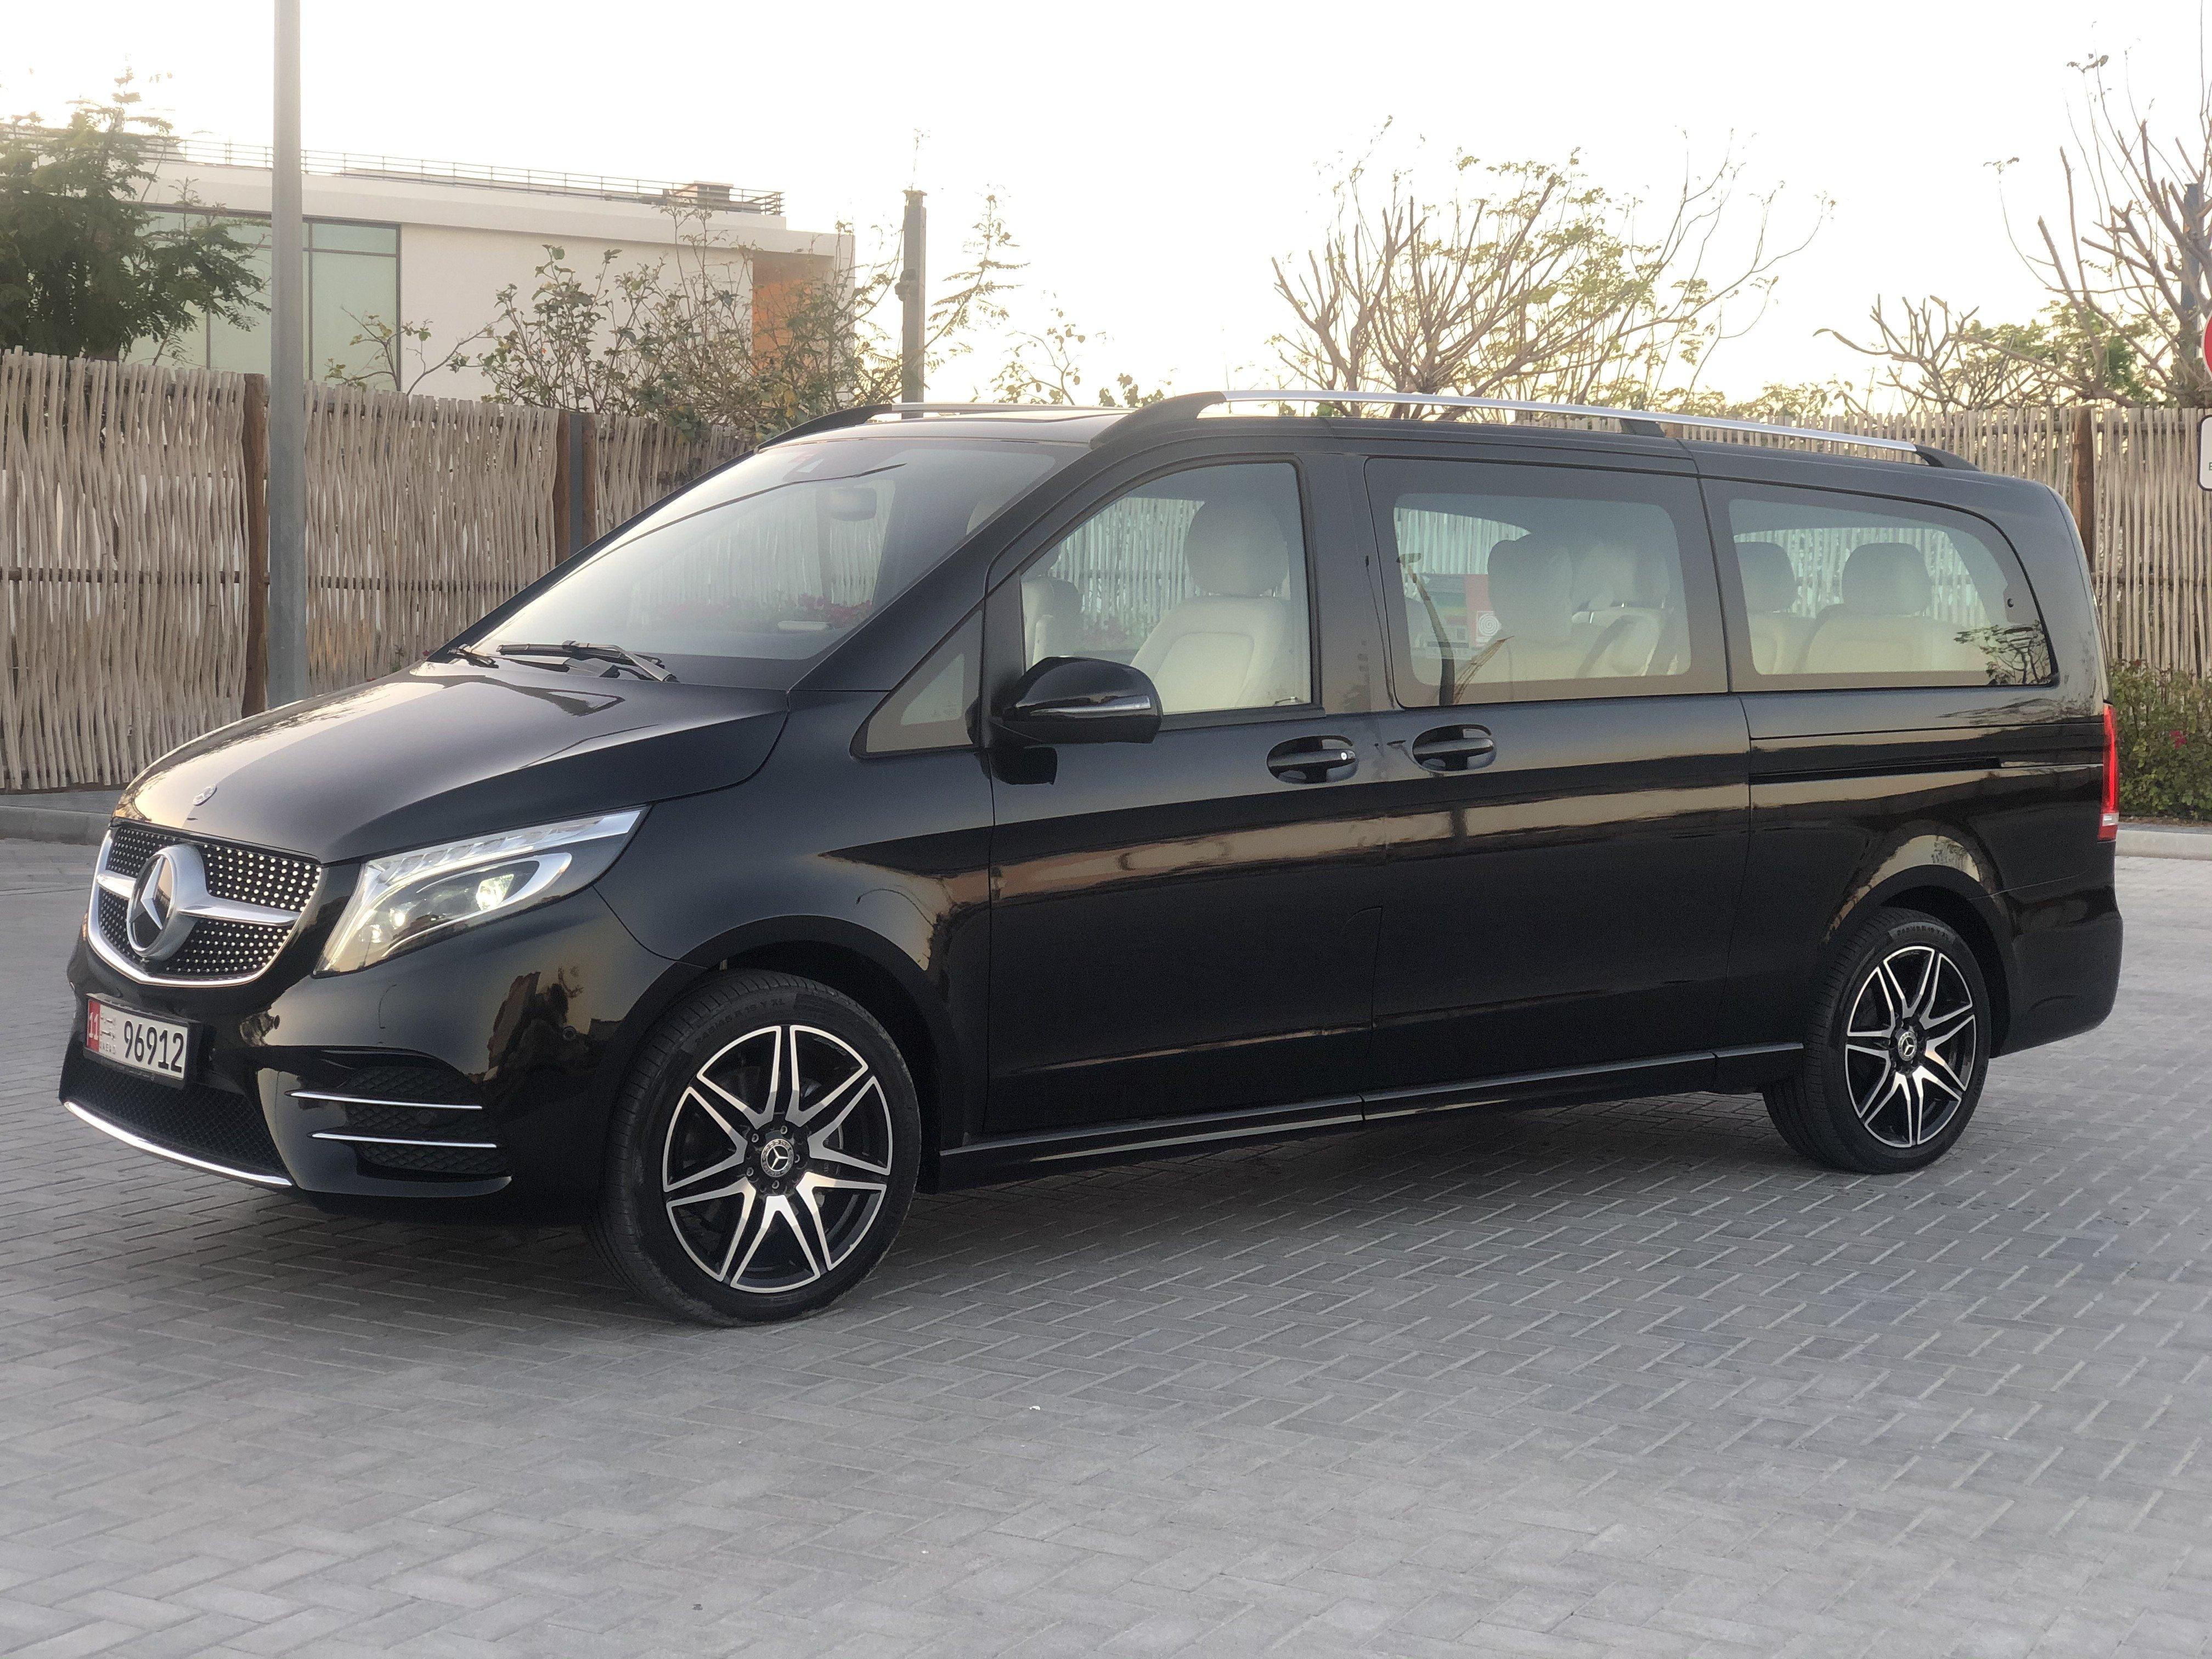 Mercedes Benz Avantgarde Exterior Body